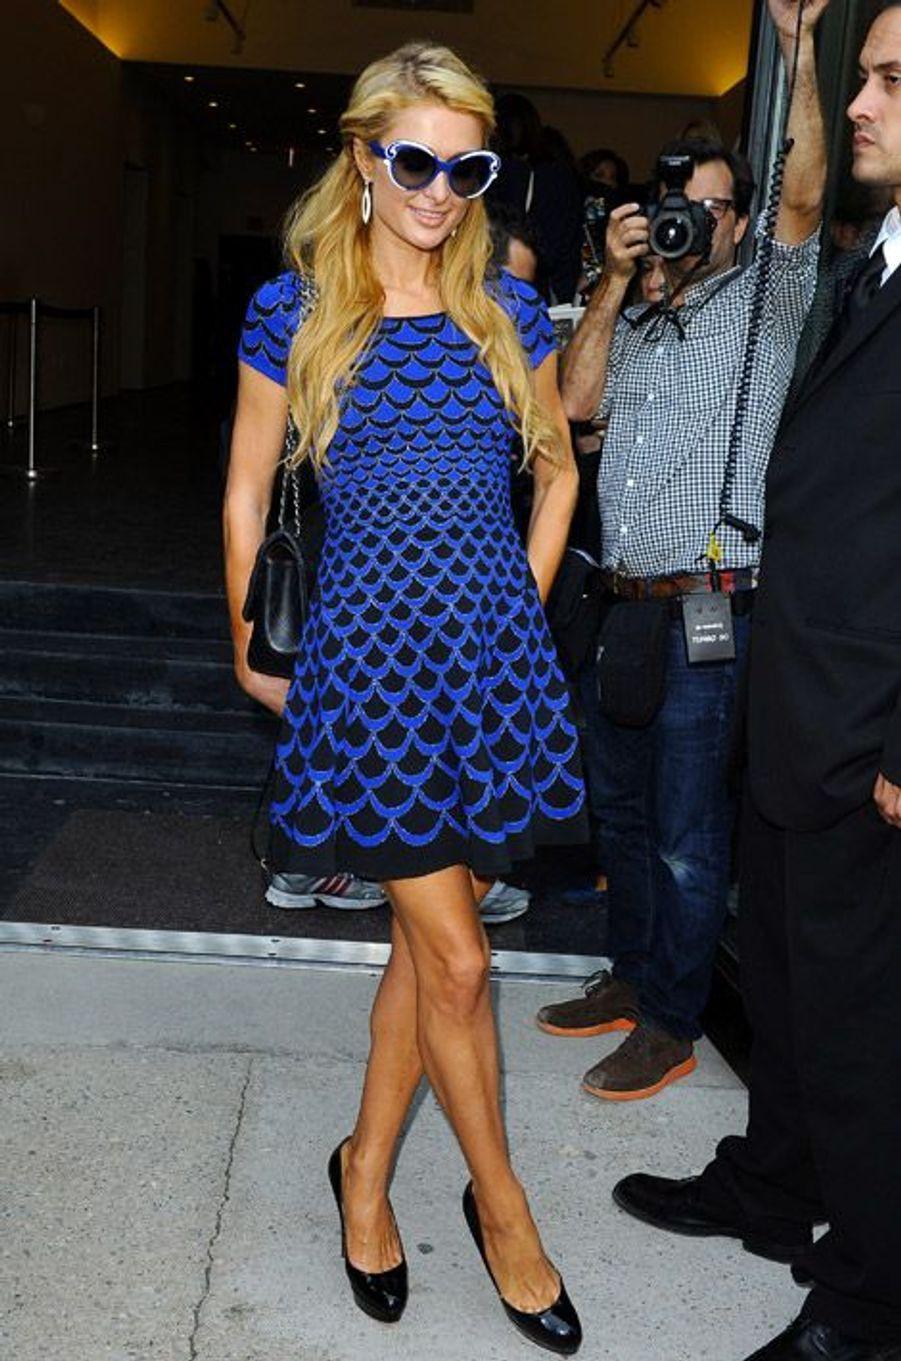 Paris Hilton arrive au défilé Diane Von Fürstenberg, le 7 septembre 2014 à New York